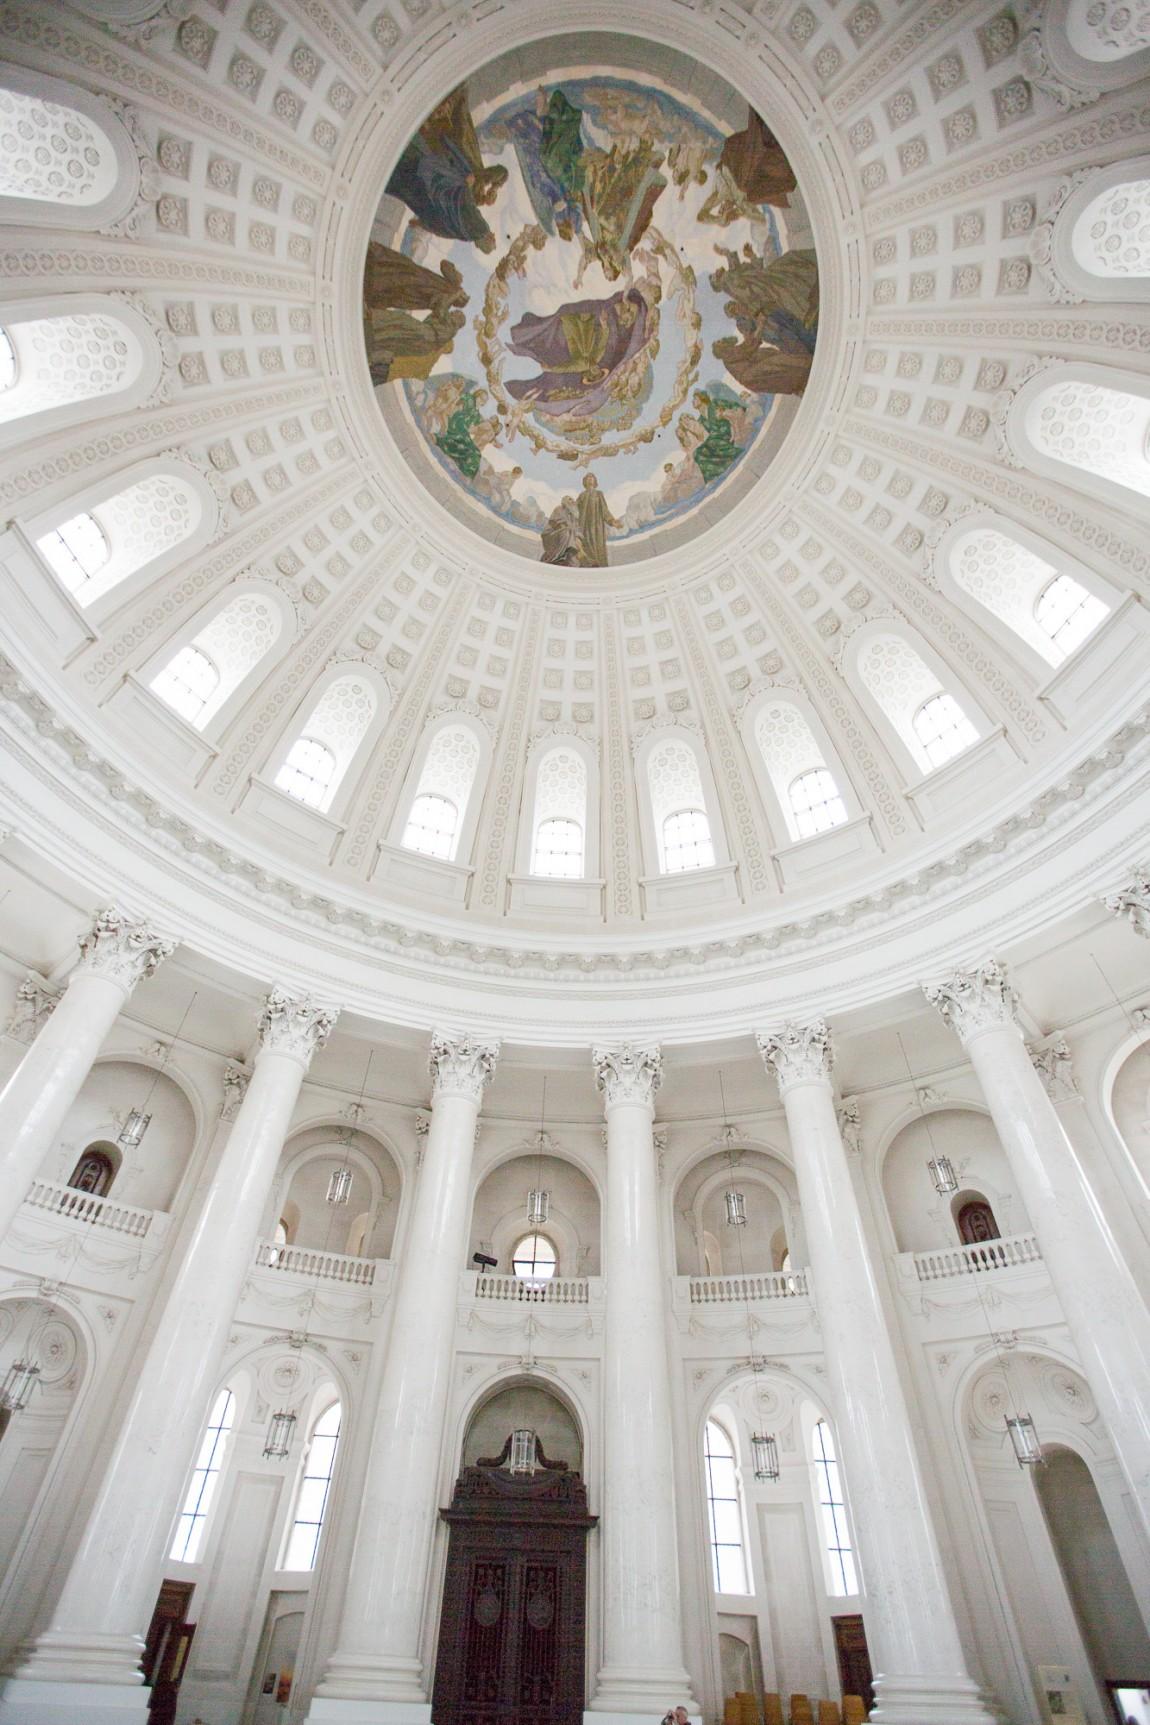 Dom der Abteikirche in St. Blasien